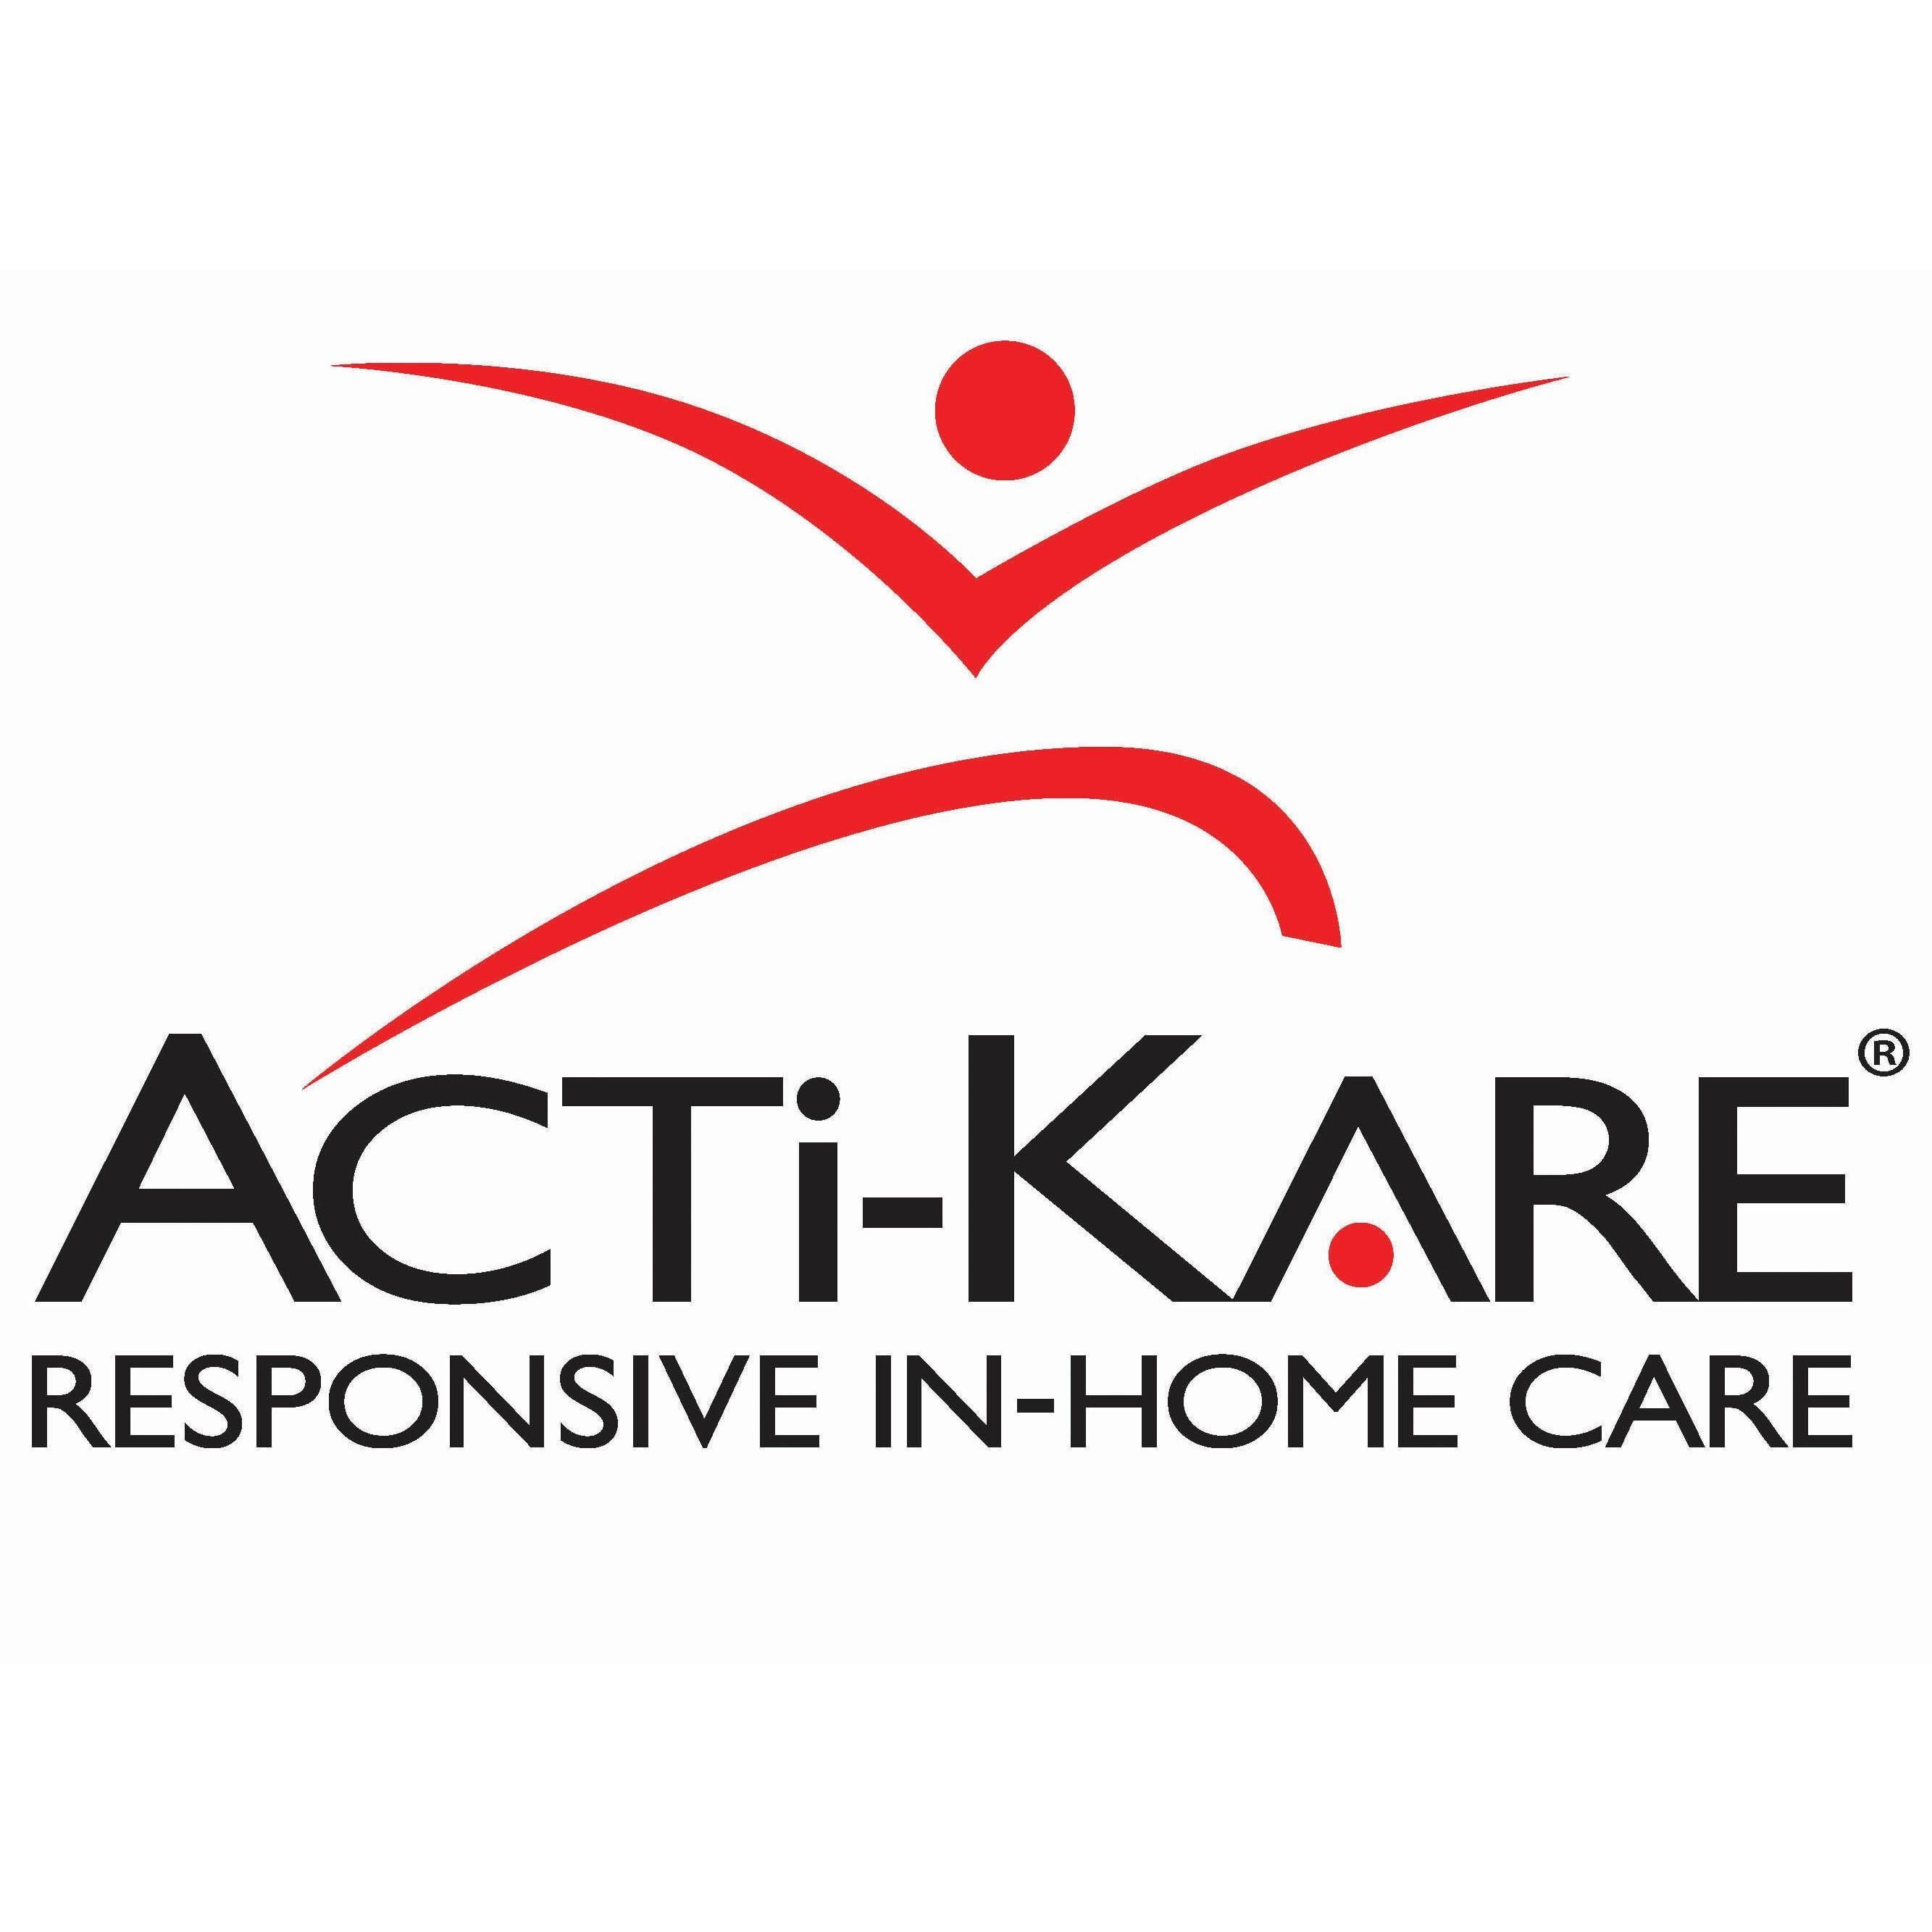 Acti-Kare Responsive In-Home Care of North Brunswick, NJ - North Brunswick, NJ 08902 - (732)714-4035   ShowMeLocal.com